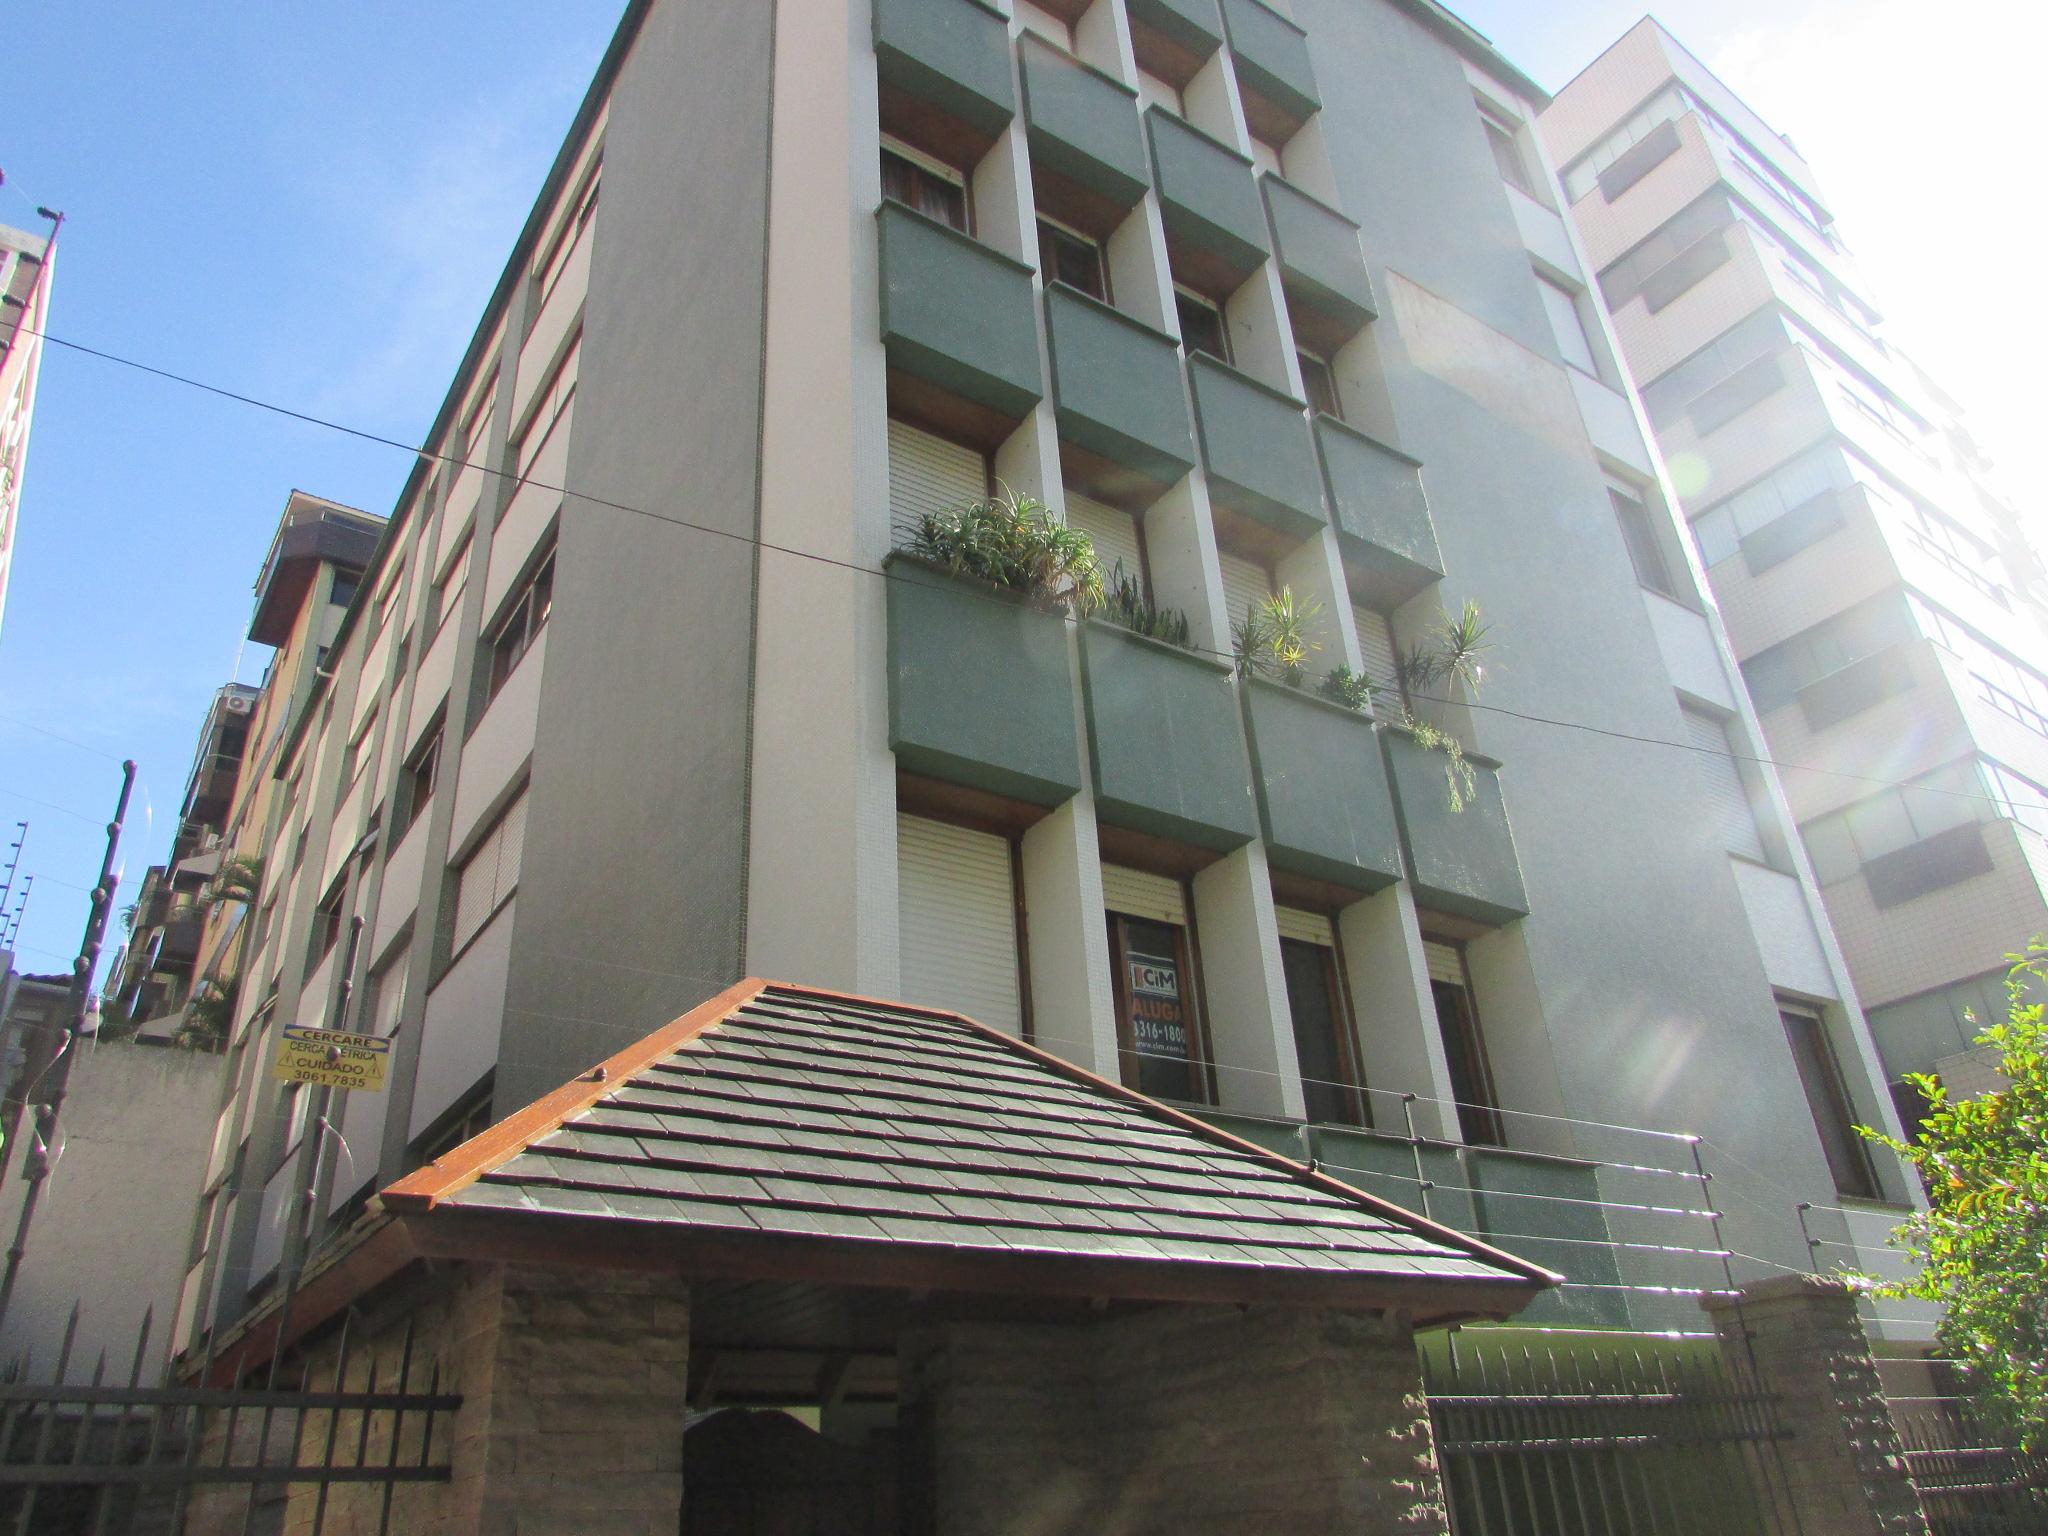 Apto 3 quartos, 265.2 m²  no bairro INDEPENDENCIA em PORTO ALEGRE/RS - Loja Imobiliária o seu portal de imóveis para alugar, aluguel e locação